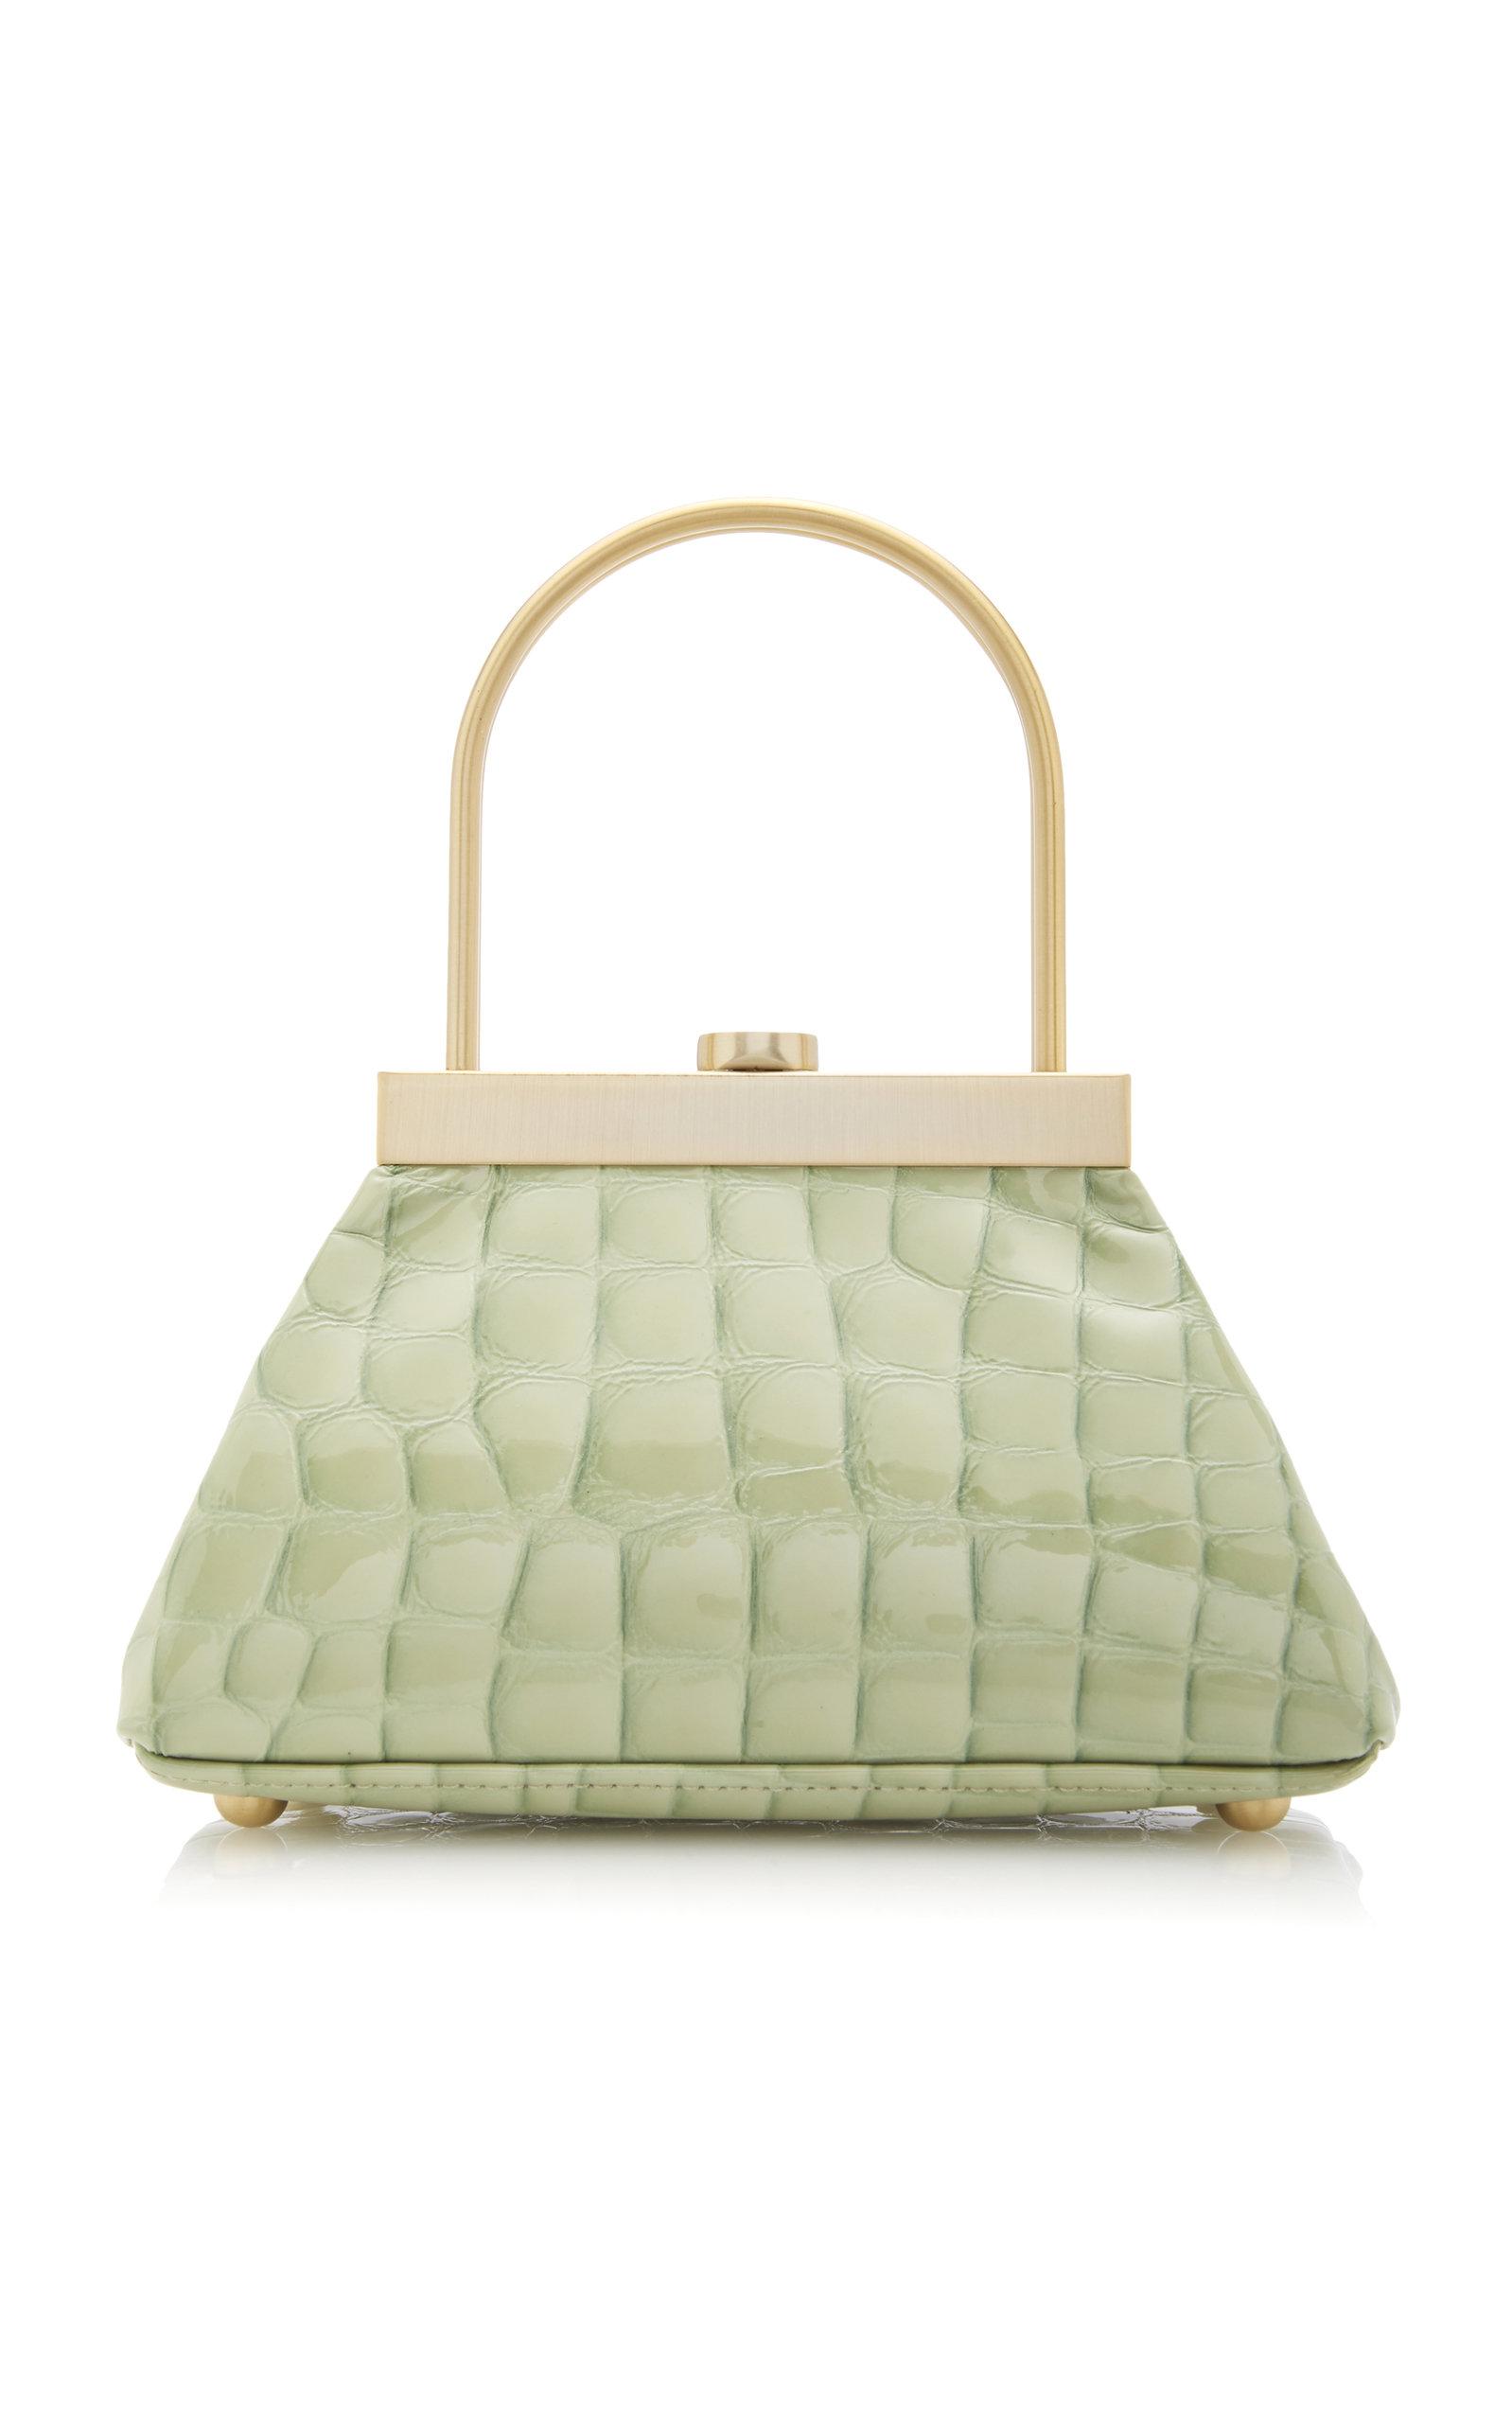 Estelle Mini Croc Embossed Leather Bag